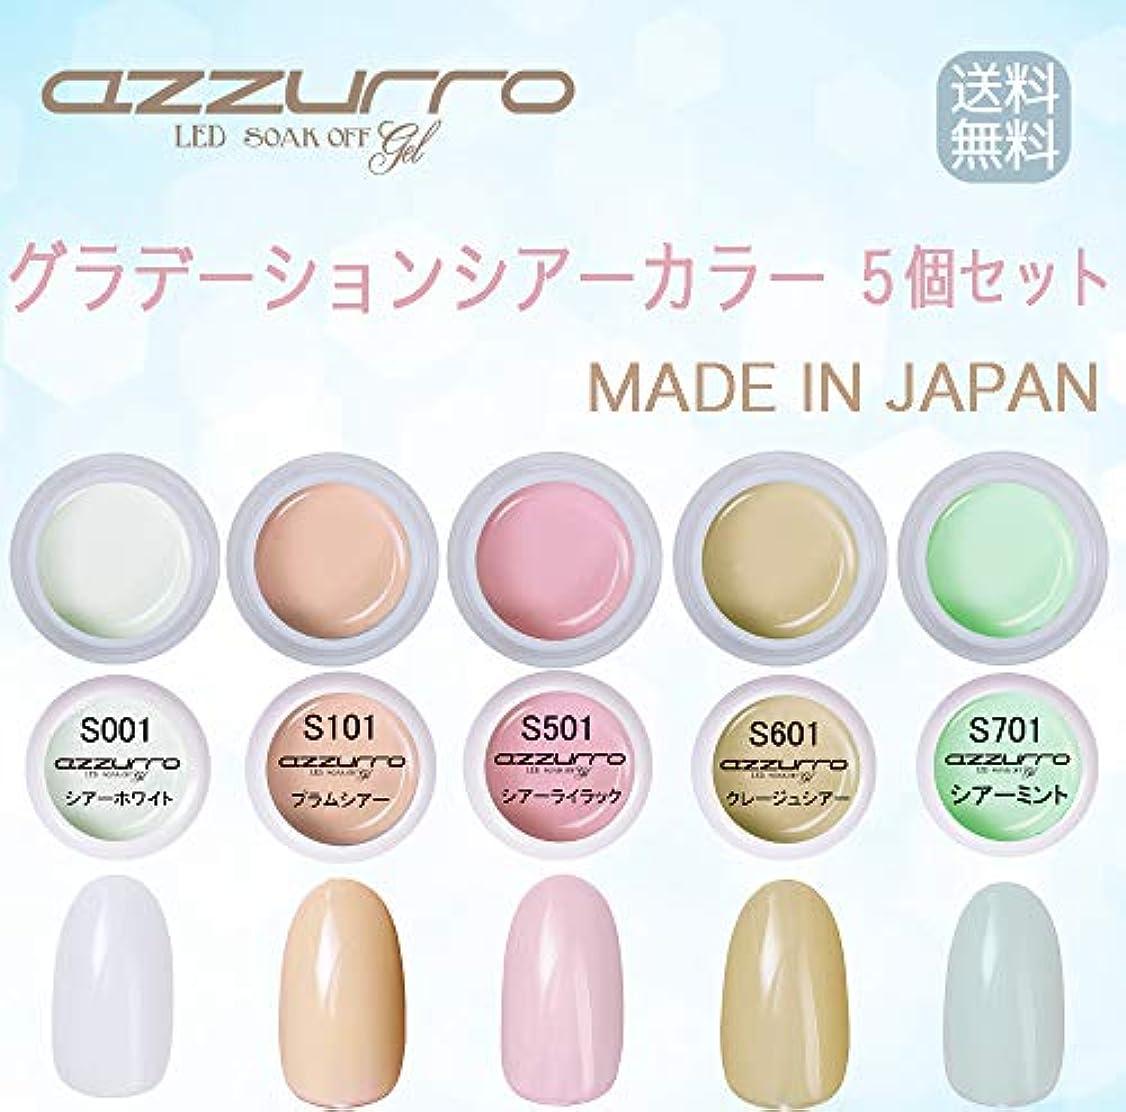 無駄な穀物極めて【送料無料】日本製 azzurro gel グラデーションシアーカラージェル5個セット 春にぴったりな 春グラデーションシアーカラー